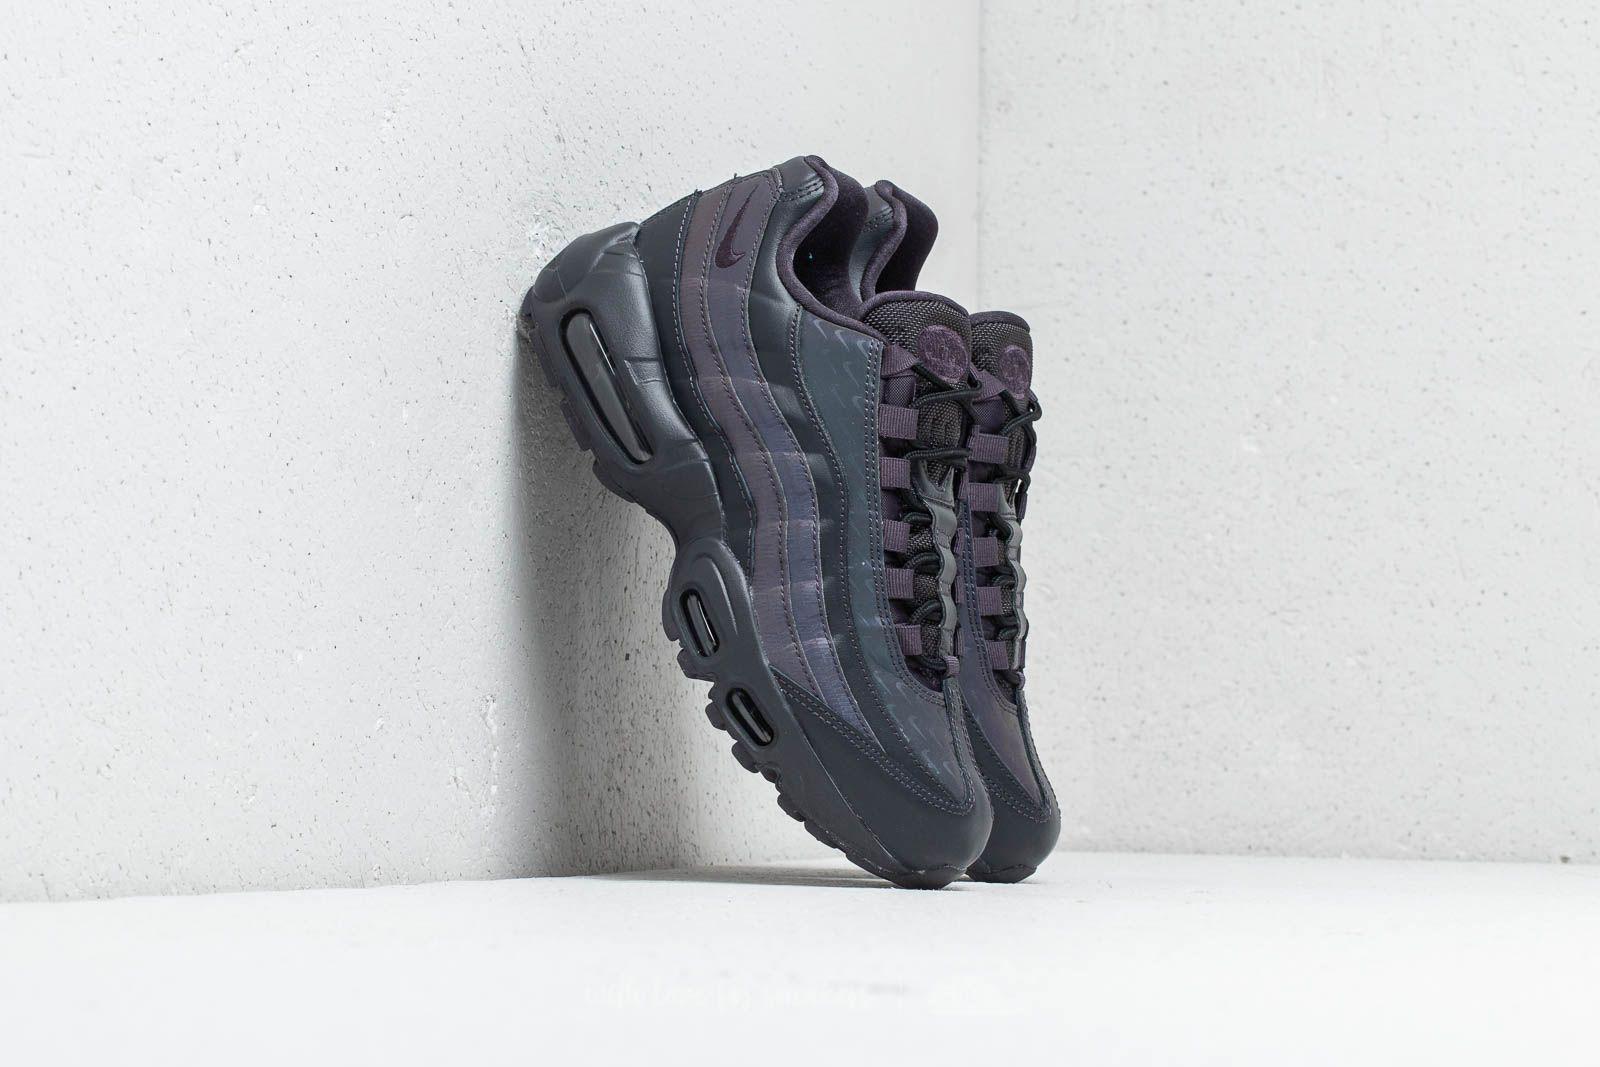 Lyst - Nike Wmns Air Max 95 Lx Oil Grey  Oil Grey-oil Grey in Gray 6ac236067774